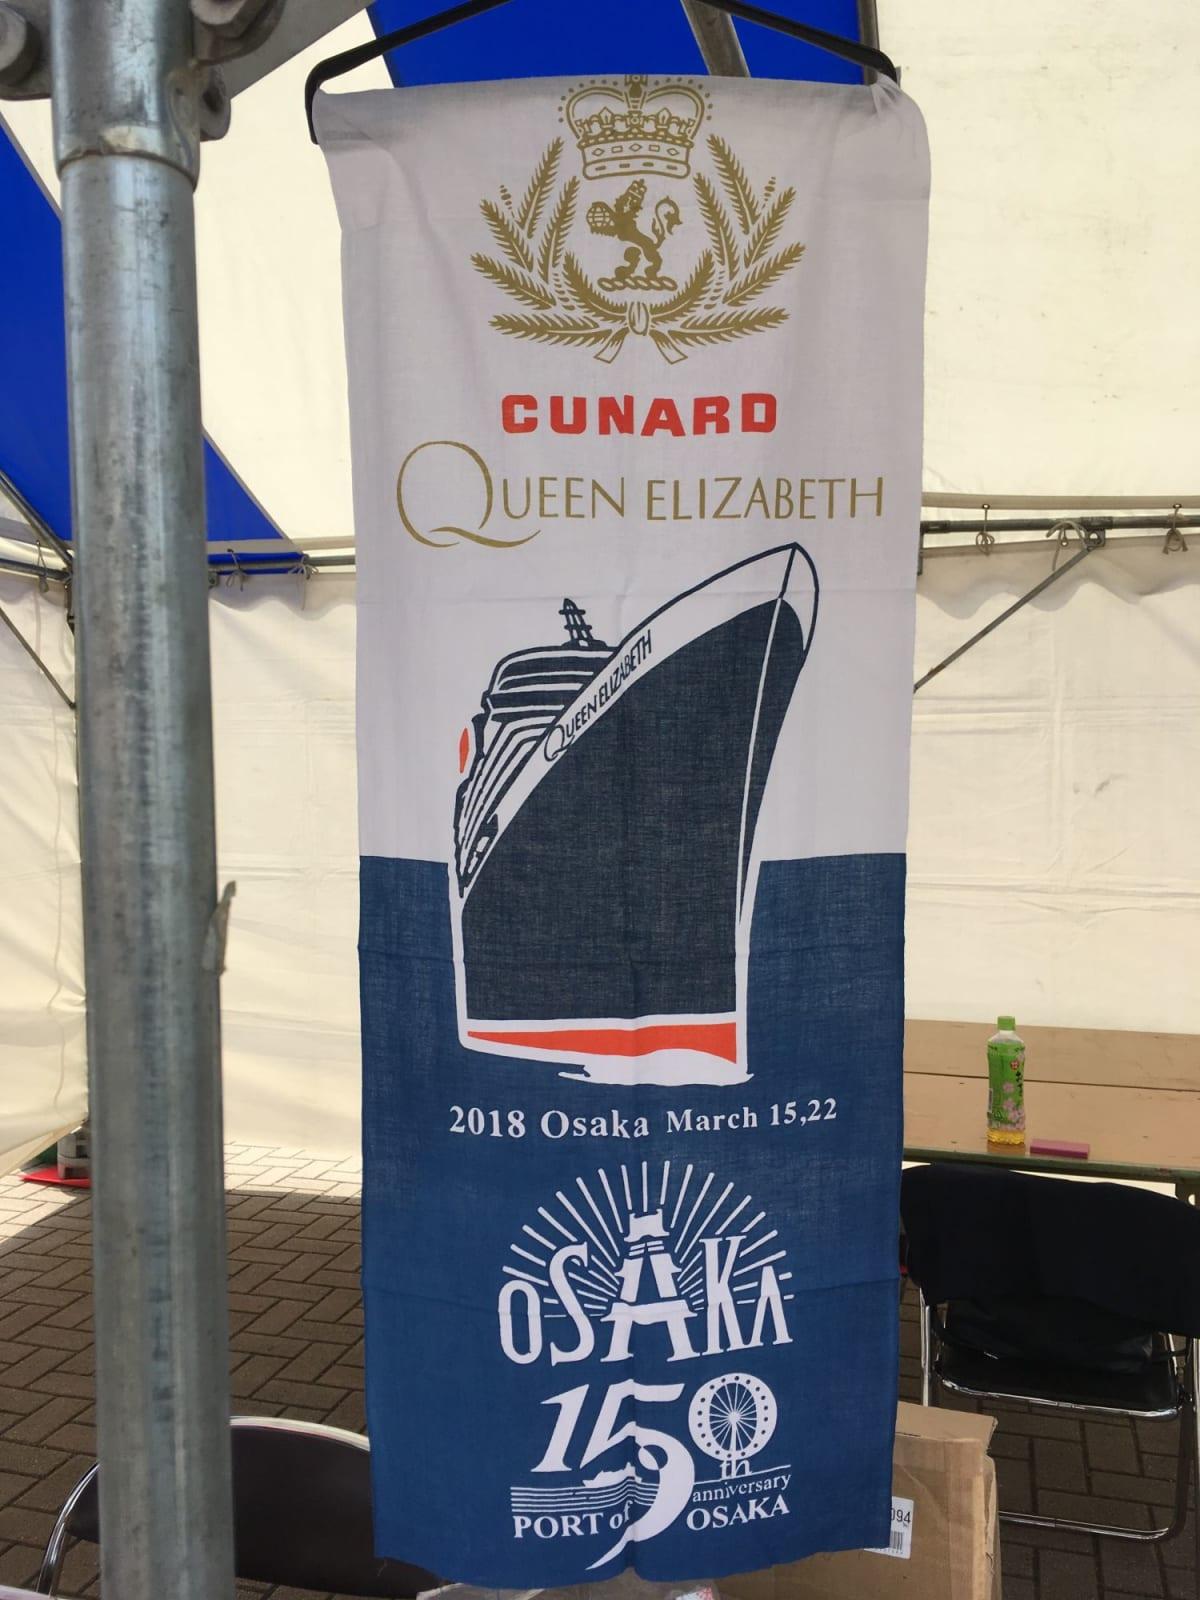 「クルーズ・カーニバル」の大阪市のテント 限定販売の日付入りオリジナルの手ぬぐい   大阪でのキュナード・ライン